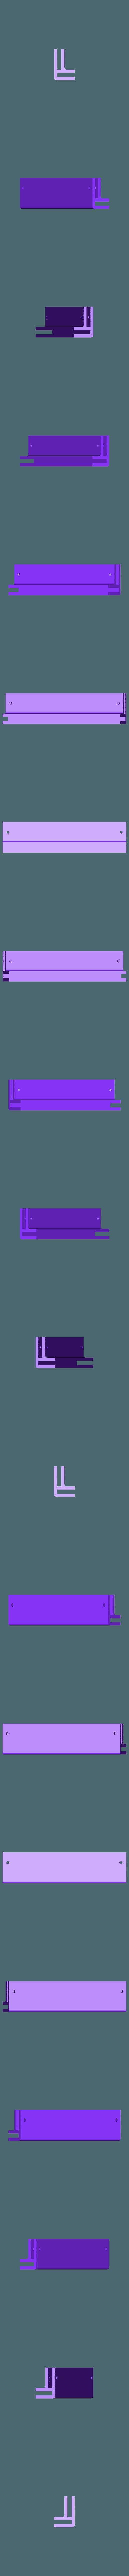 Top_edge_half_long.stl Télécharger fichier STL gratuit Couvercle de bobine pour les enceintes avec des bidons déshydratants en option • Modèle à imprimer en 3D, gnattycole